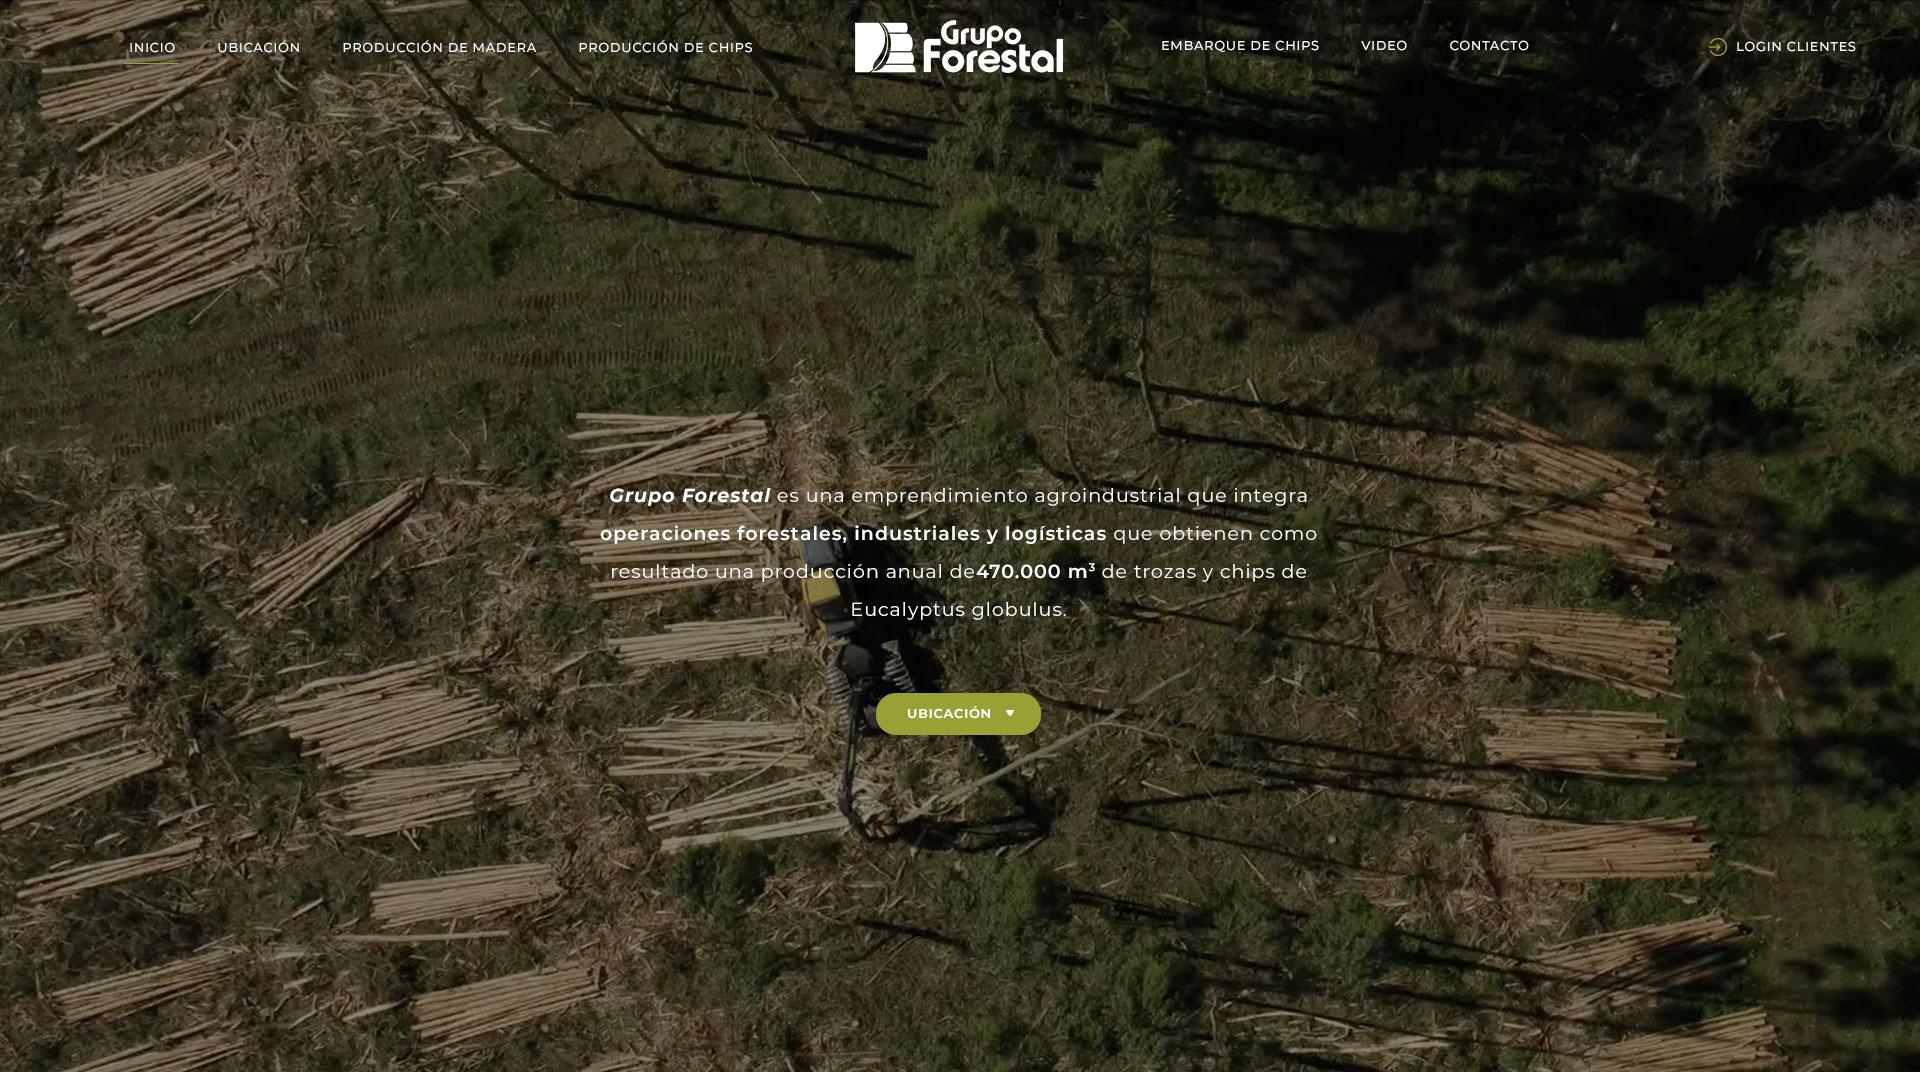 Grupo Forestal